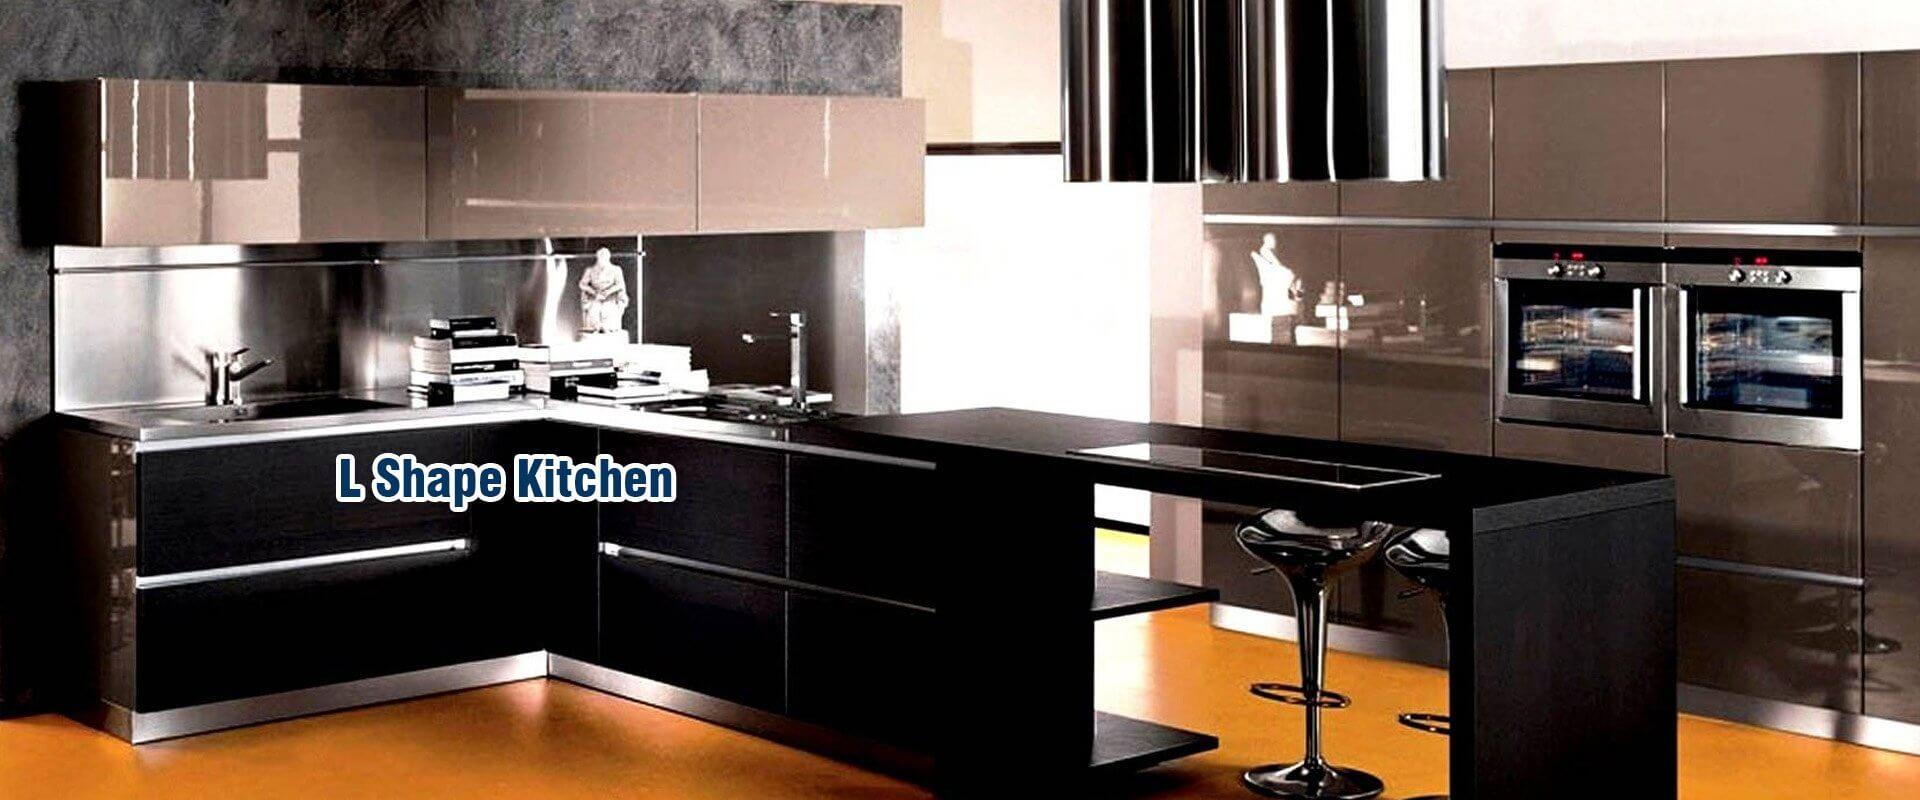 L shape kitchen for Italian modular kitchen